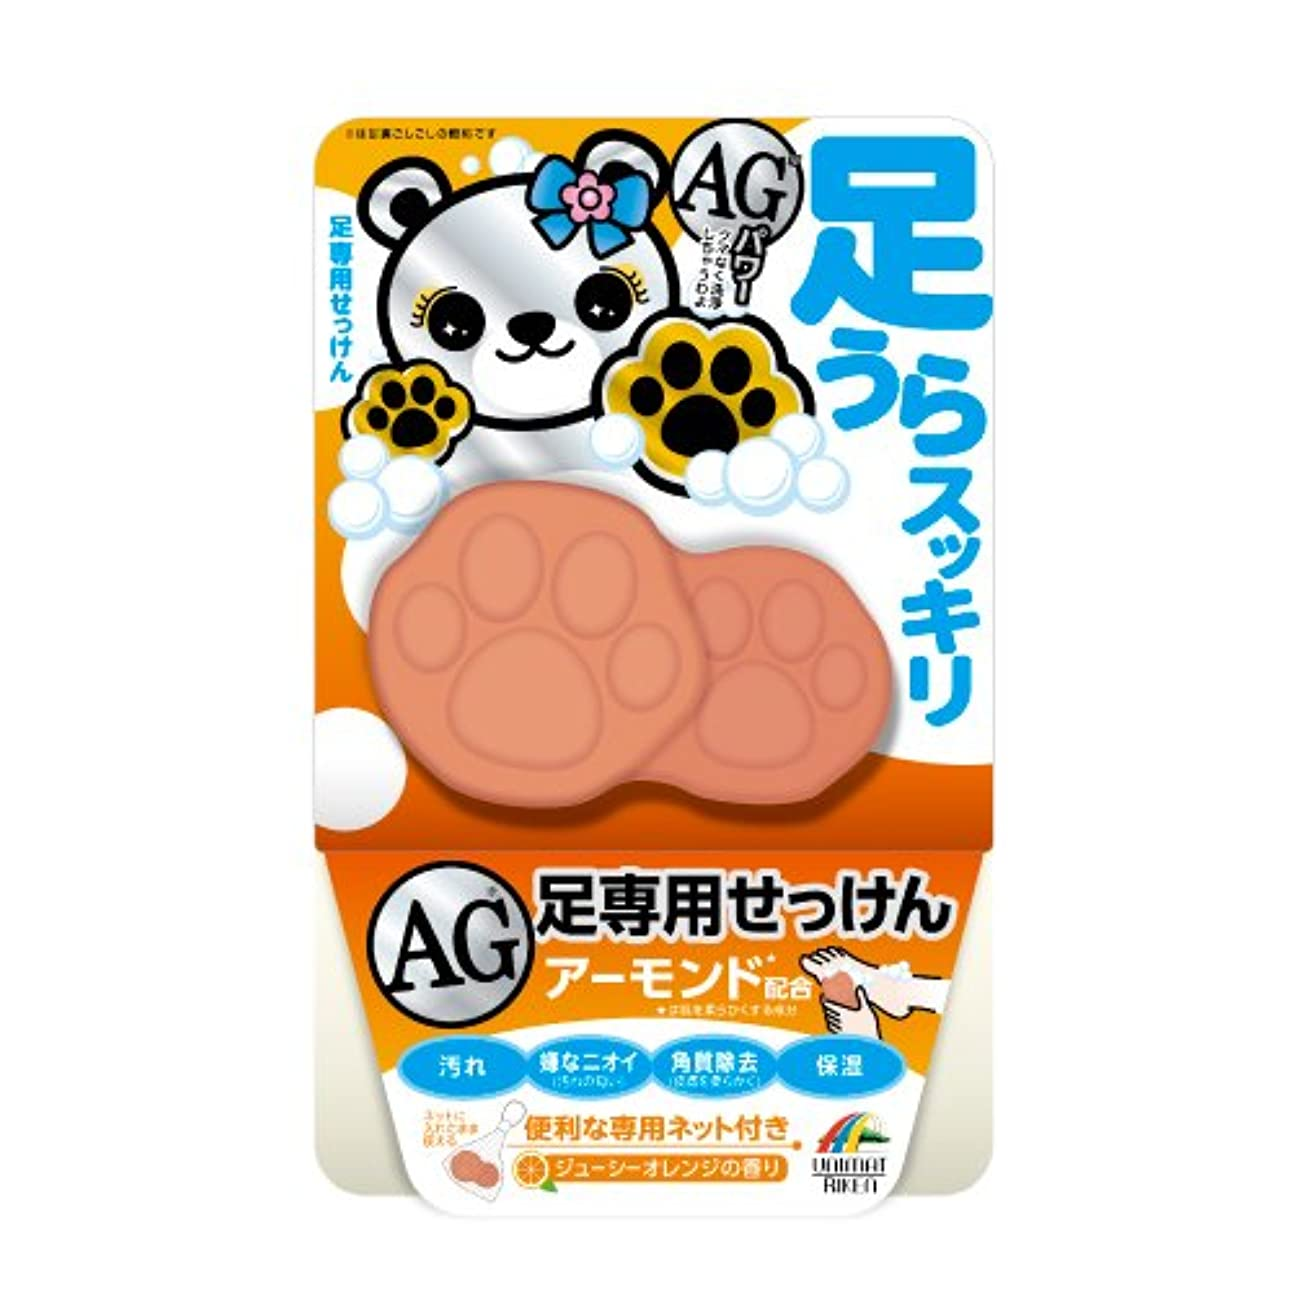 注入するハンディキャップインフレーションユニマットリケン 足裏スッキリAG石鹸(アーモンド配合)70g